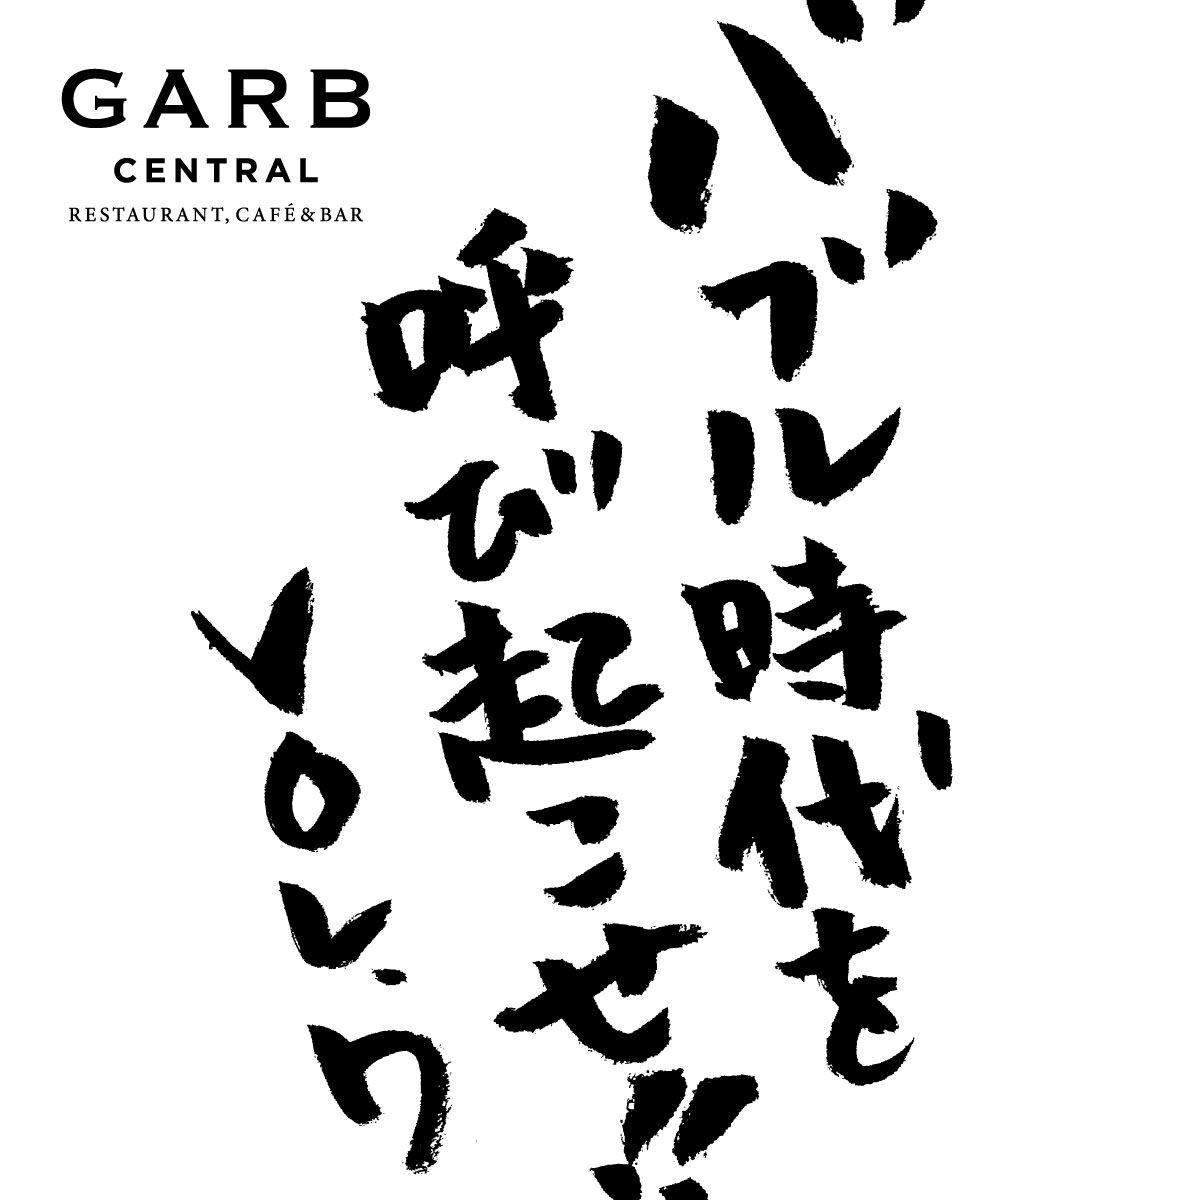 赤坂 東京ガーデンテラス紀尾井町1f garb central ガーブ セントラル